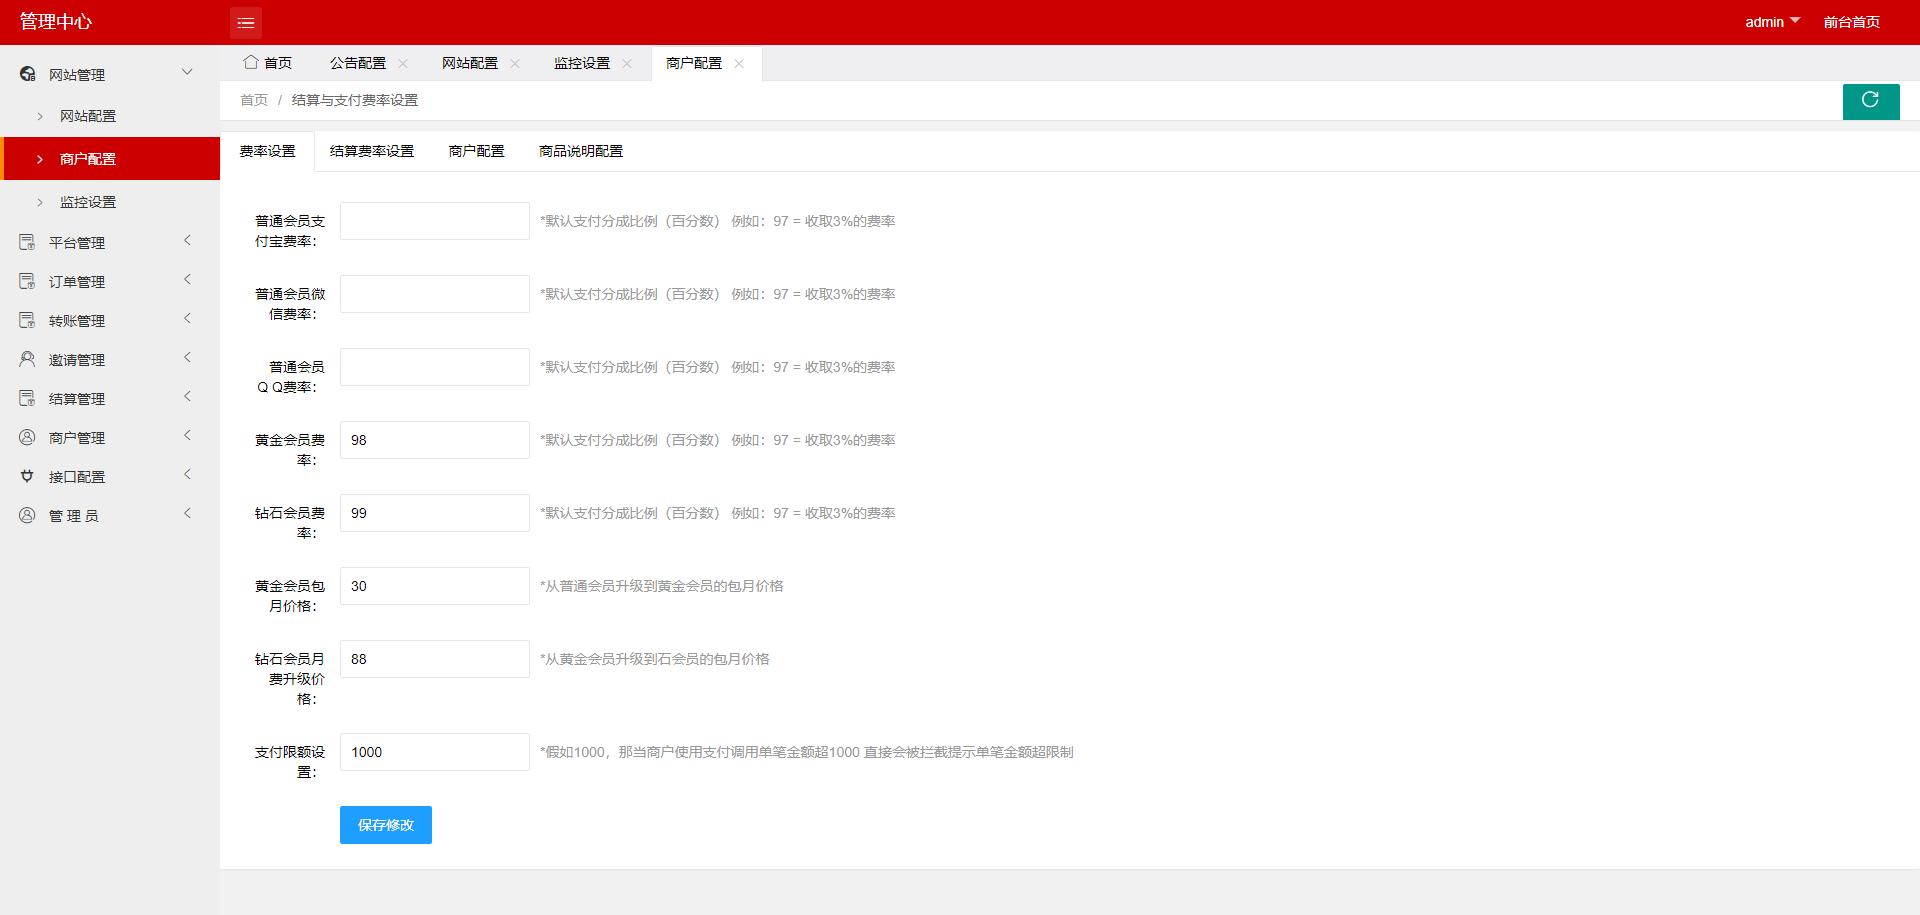 完美运营版捷兔云支付 开源版易支付 第三方支付 官方支付 四方支付 免签约支付 网站源码 第11张